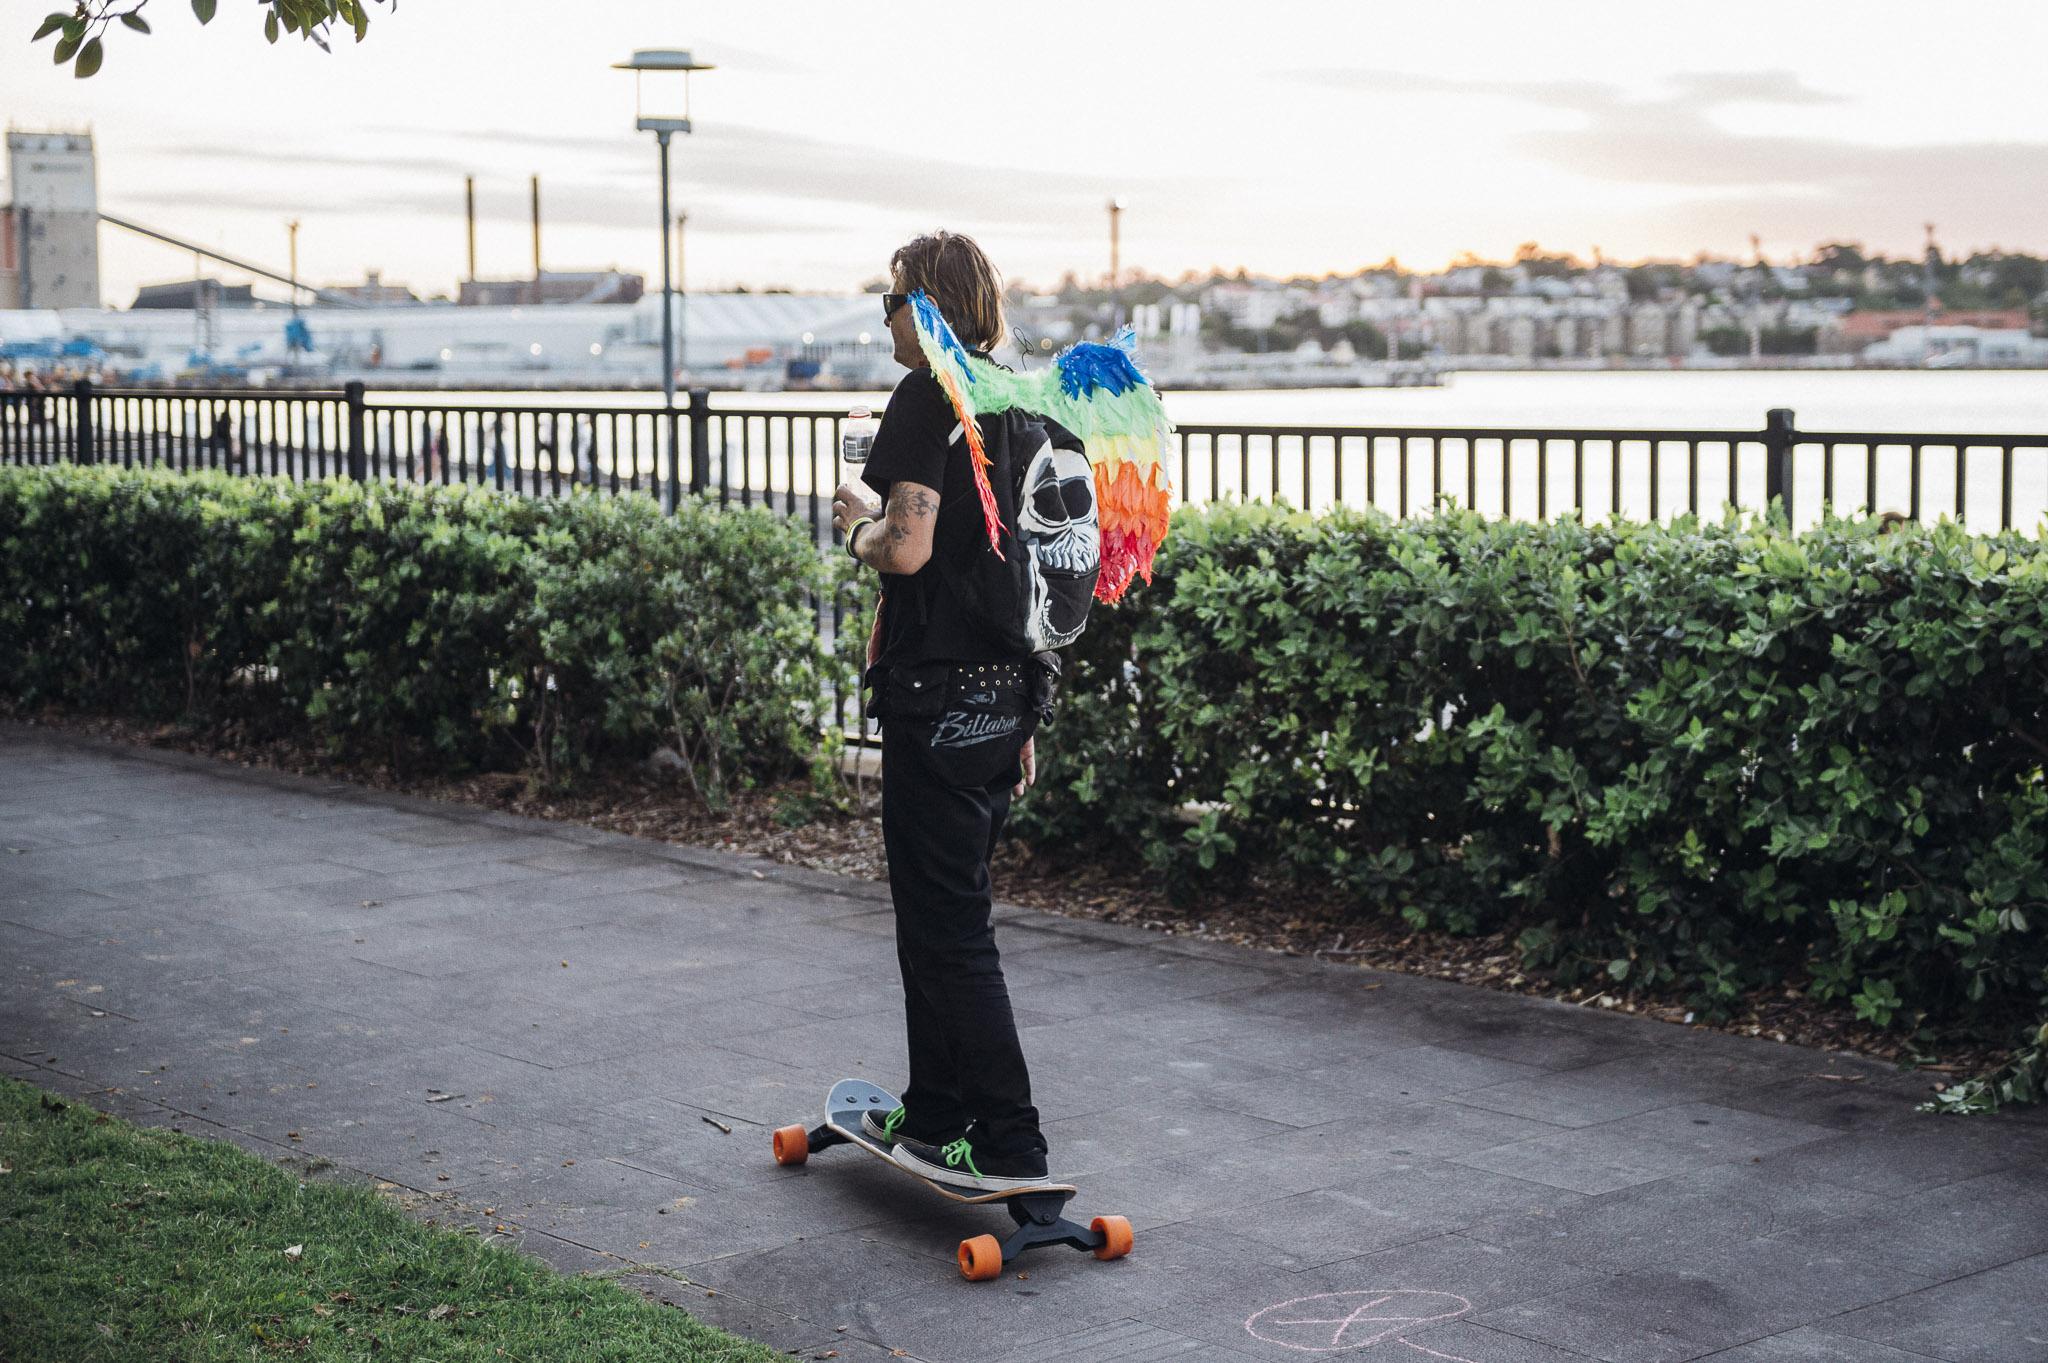 160319-ReclaimTheStreets-Sydney-1142